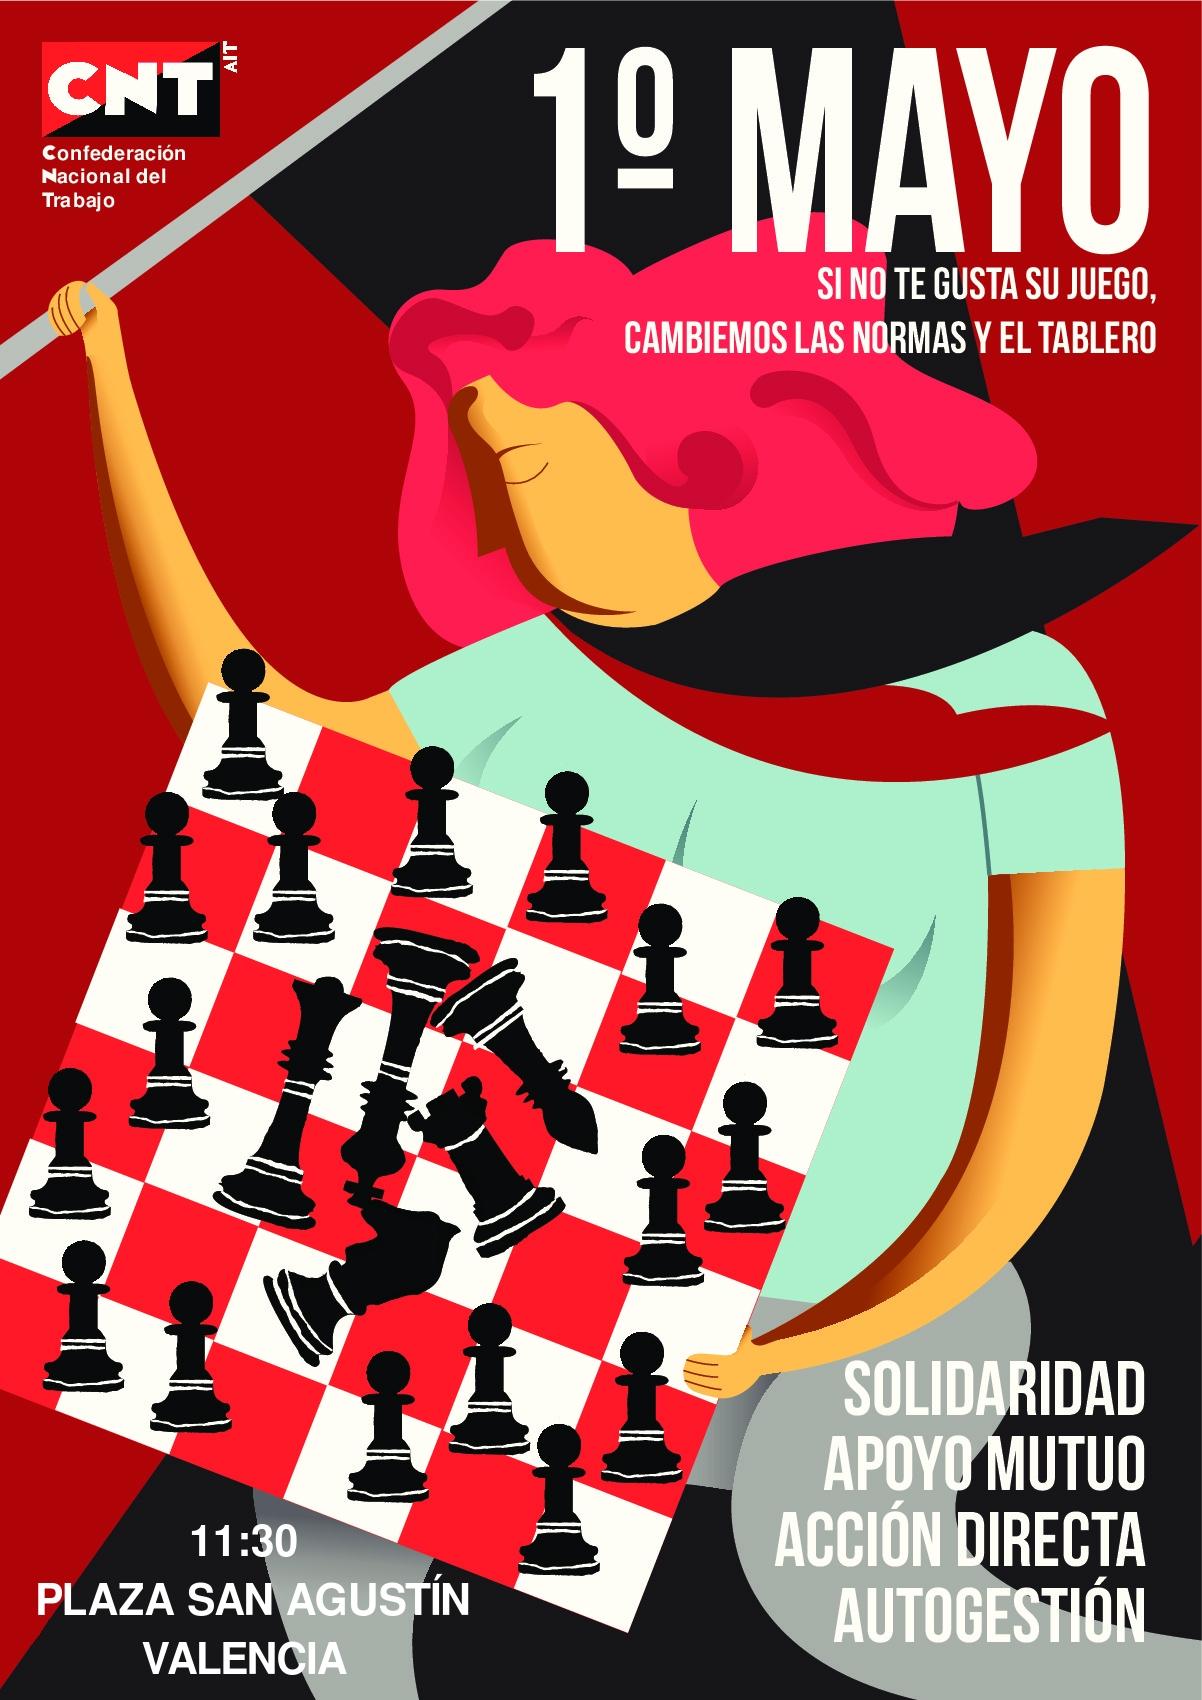 Convocatoria primero de mayo 2013 en valencia rompamos for Gimnasio 1 de mayo